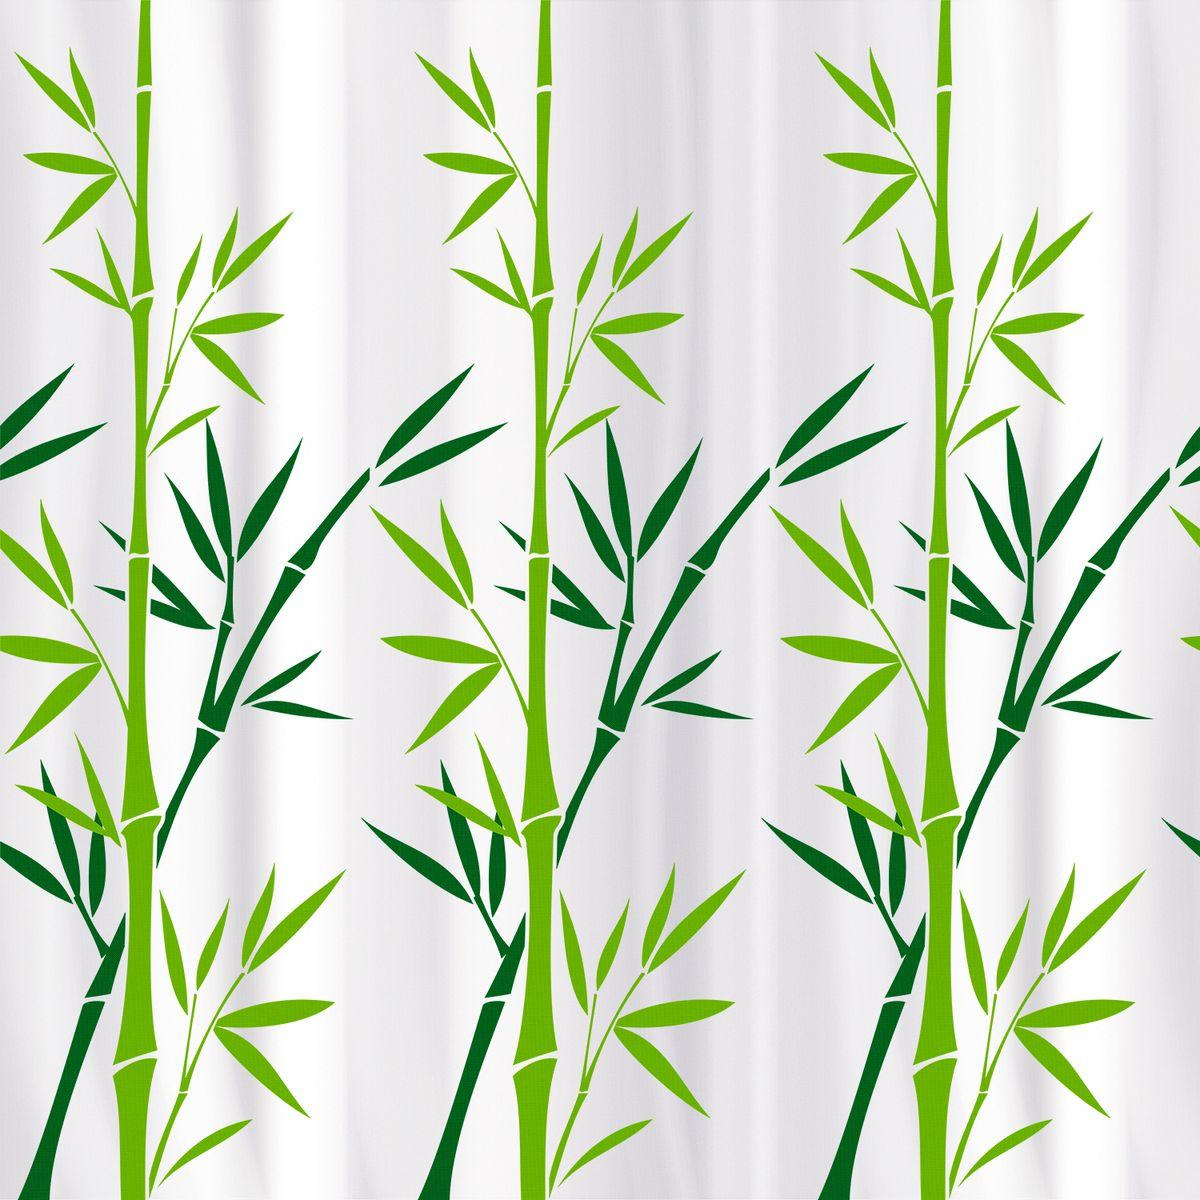 Штора для ванной Tatkraft Bamboo Green Textile, цвет: белый, зеленый, 180 х 180 см391602Штора для ванной Tatkraft Bamboo Green Textile имеет специальную водоотталкивающую пропитку и антигрибковое покрытие. Штора быстро сохнет, легко моется и обладает повышенной износостойкостью. Штора оснащена магнитами-утяжелителями для лучшей фиксации. Мягкая и приятная на ощупь штора для ванной Tatkraft порадует вас своим ярким дизайном и добавит уюта в ванную комнату.